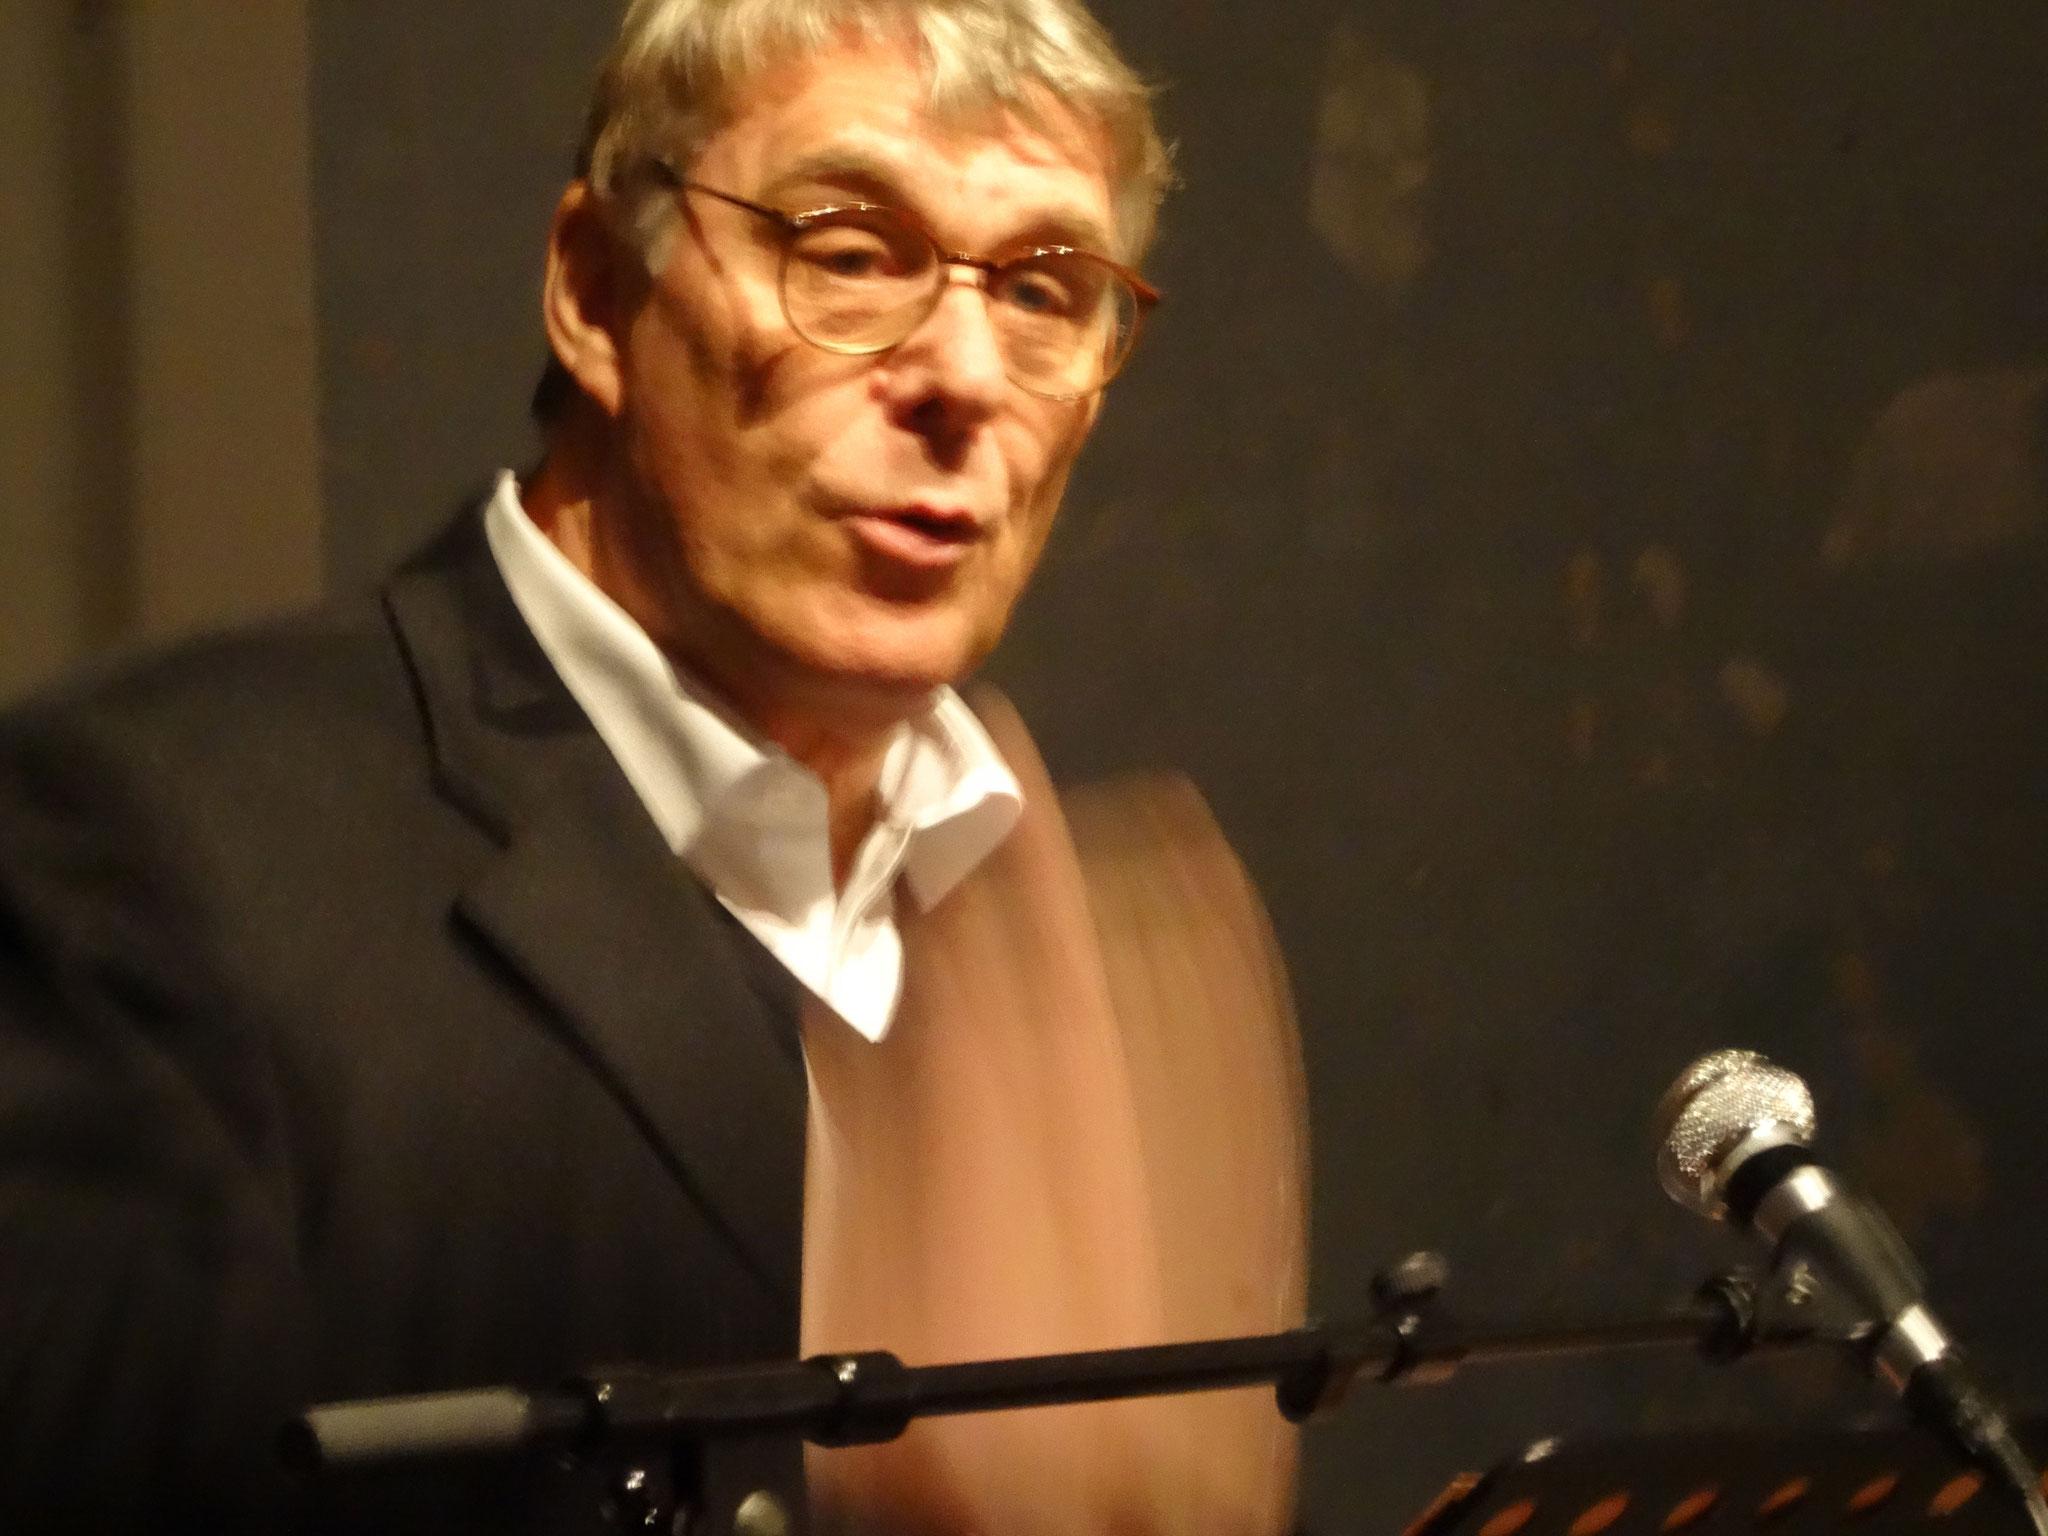 Präsident Jean-Luc Bredel mit einer flammenden Rede für den trinationalen Kulturaustausch am Oberrhein